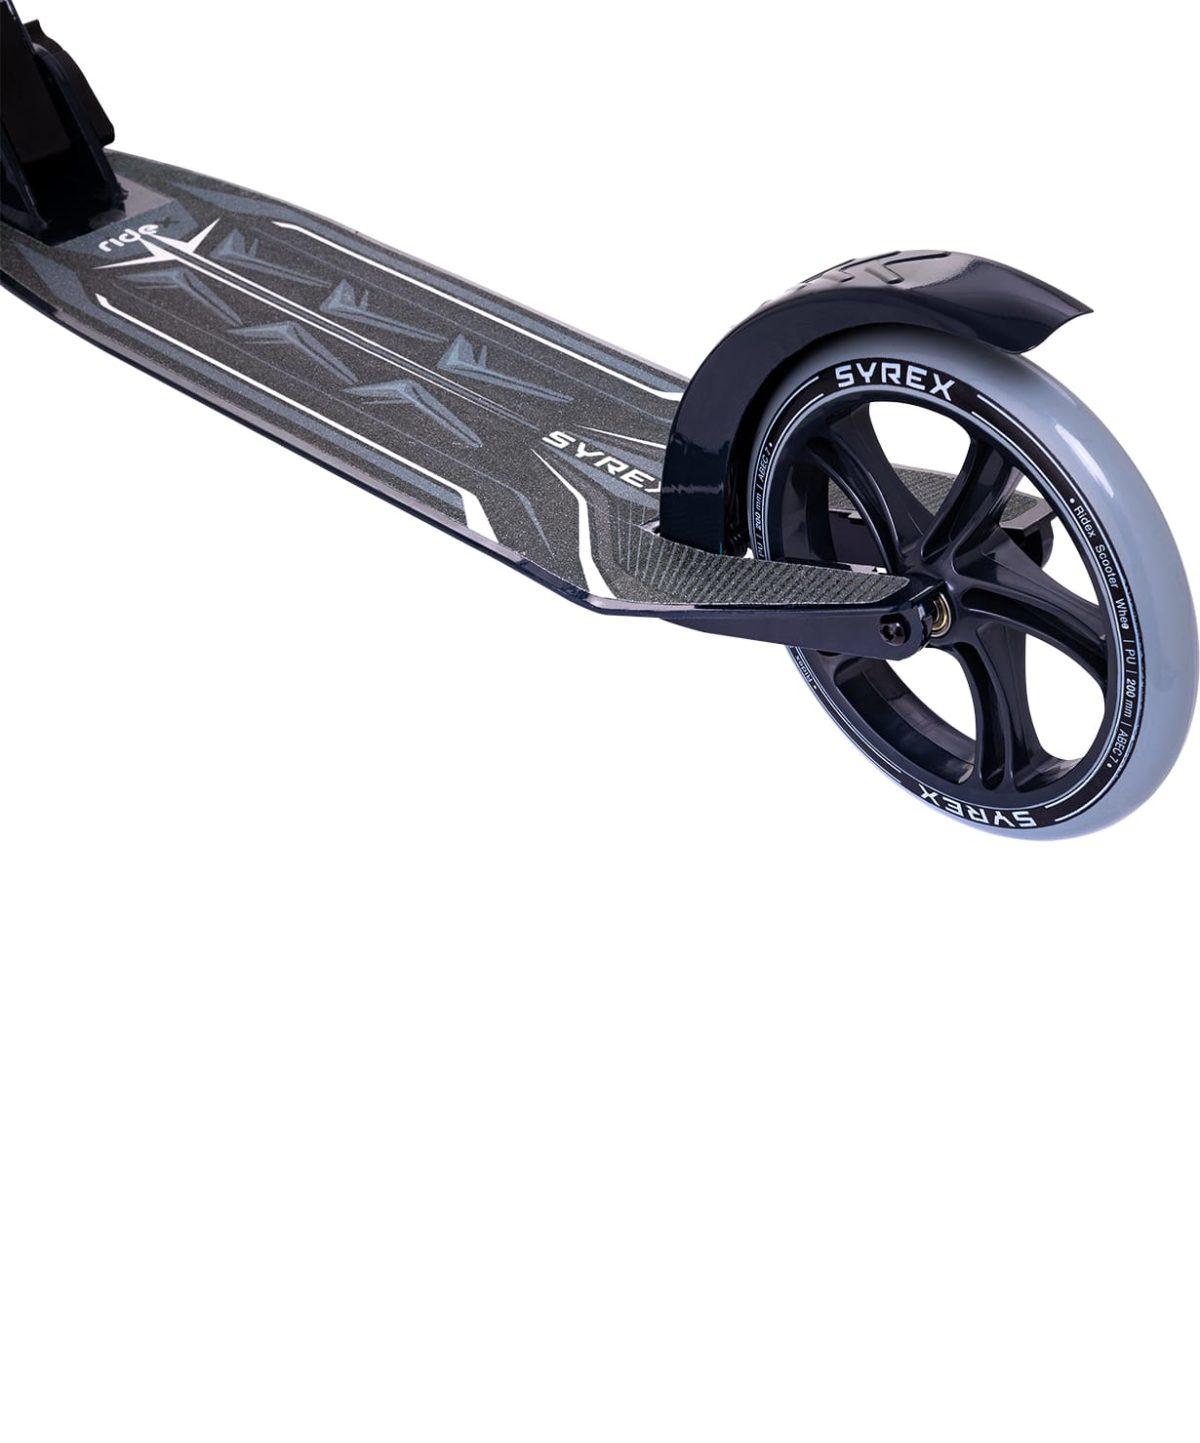 RIDEX Syrex Самокат 2-колесный  230/200 мм  Syrex: чёрный - 5